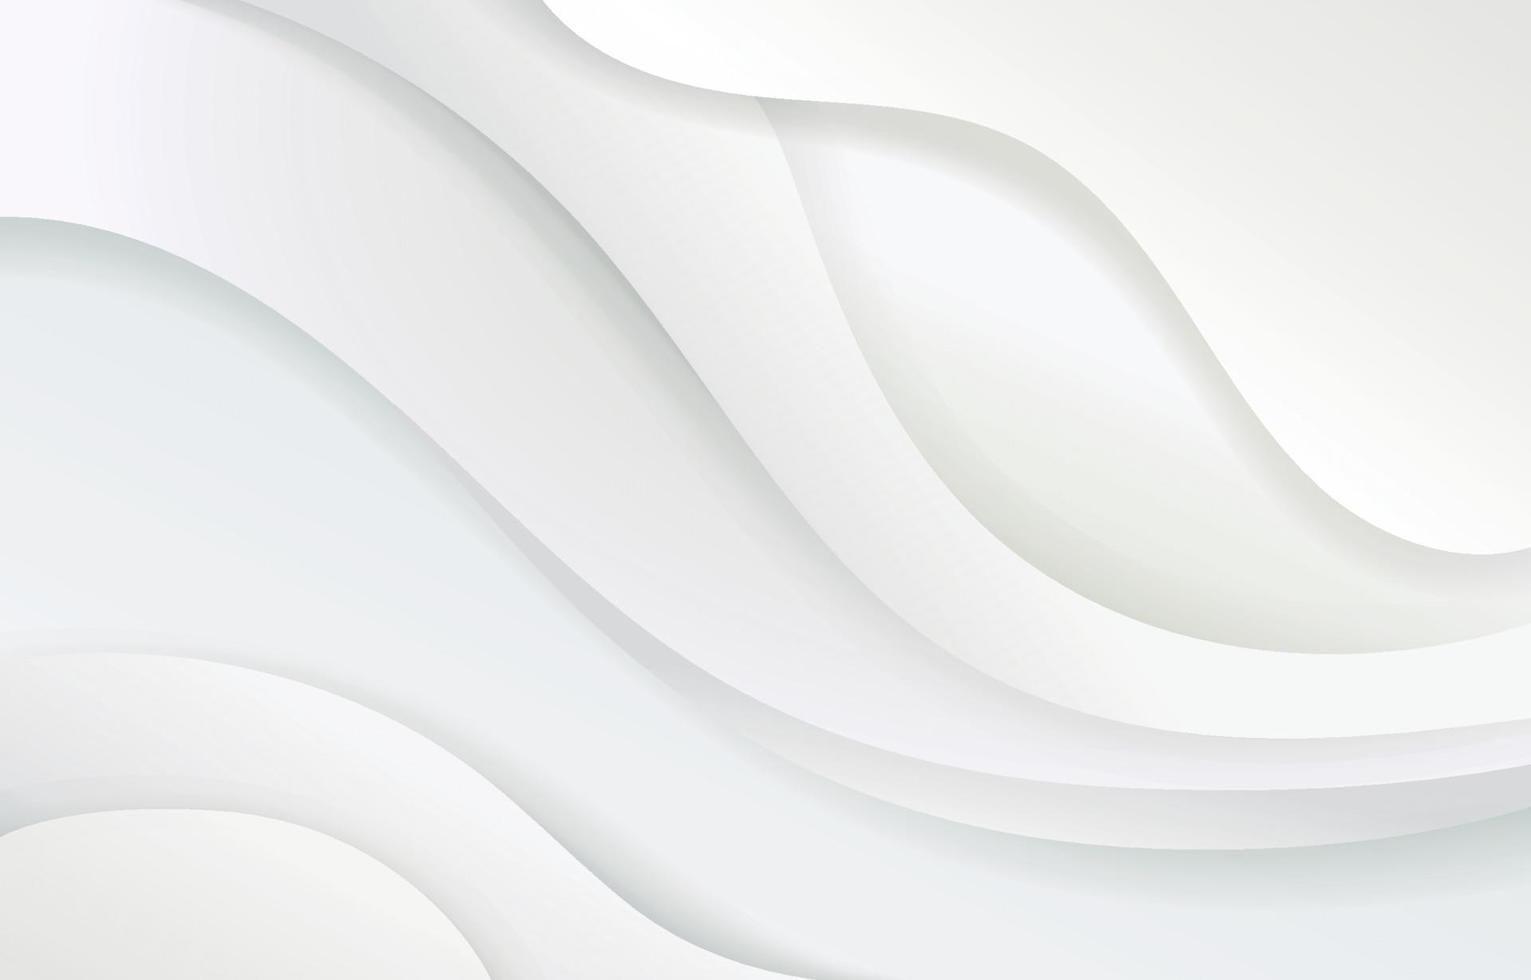 abstrakt vit och grå färg bakgrund vektor